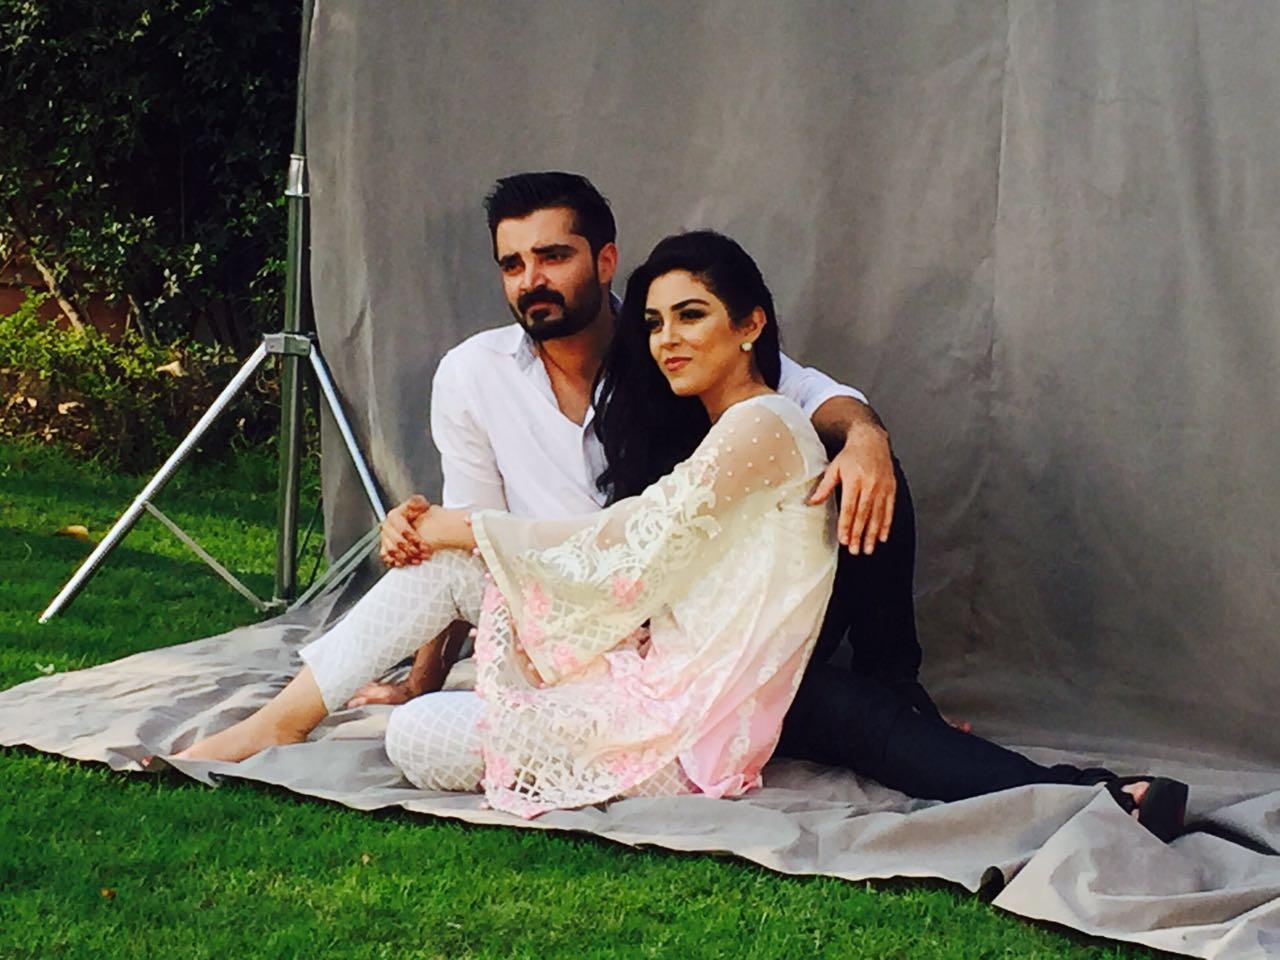 Maya Ali And Hamza Abbasi Faces Of The Maria B Lawn Campaign